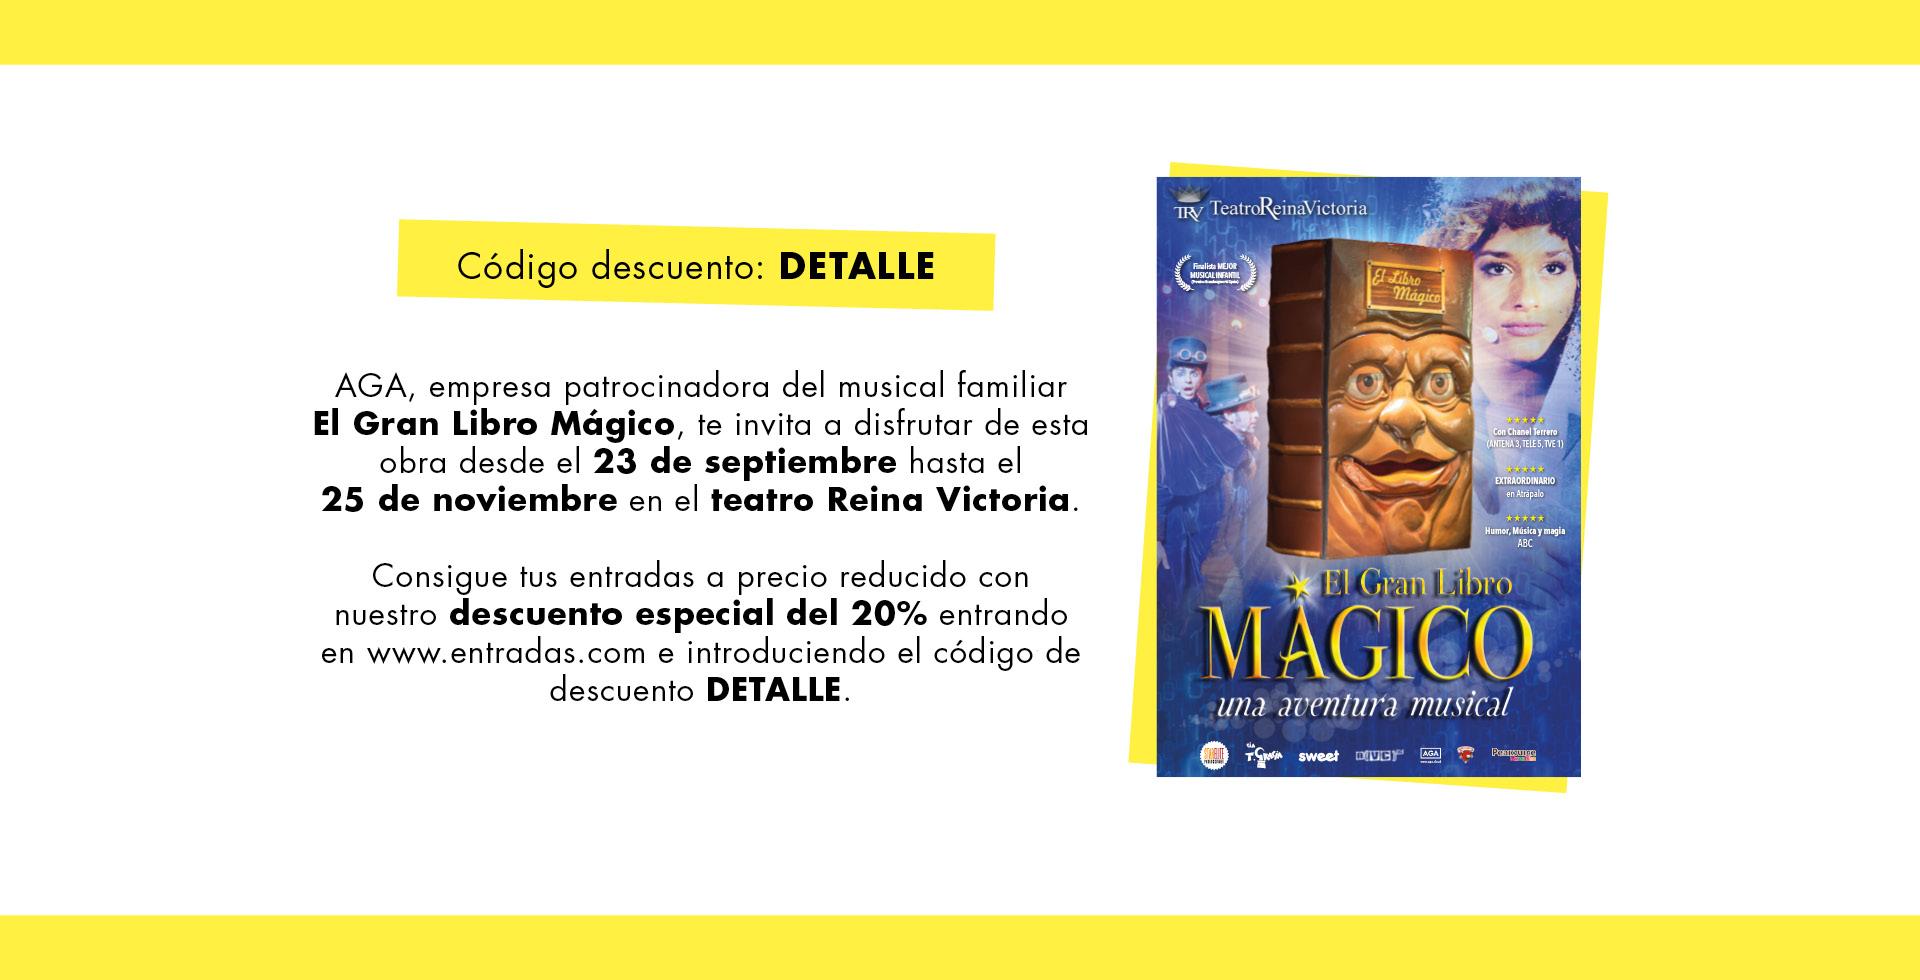 EL GRAN LIBRO MAGICO - AGA PROMO